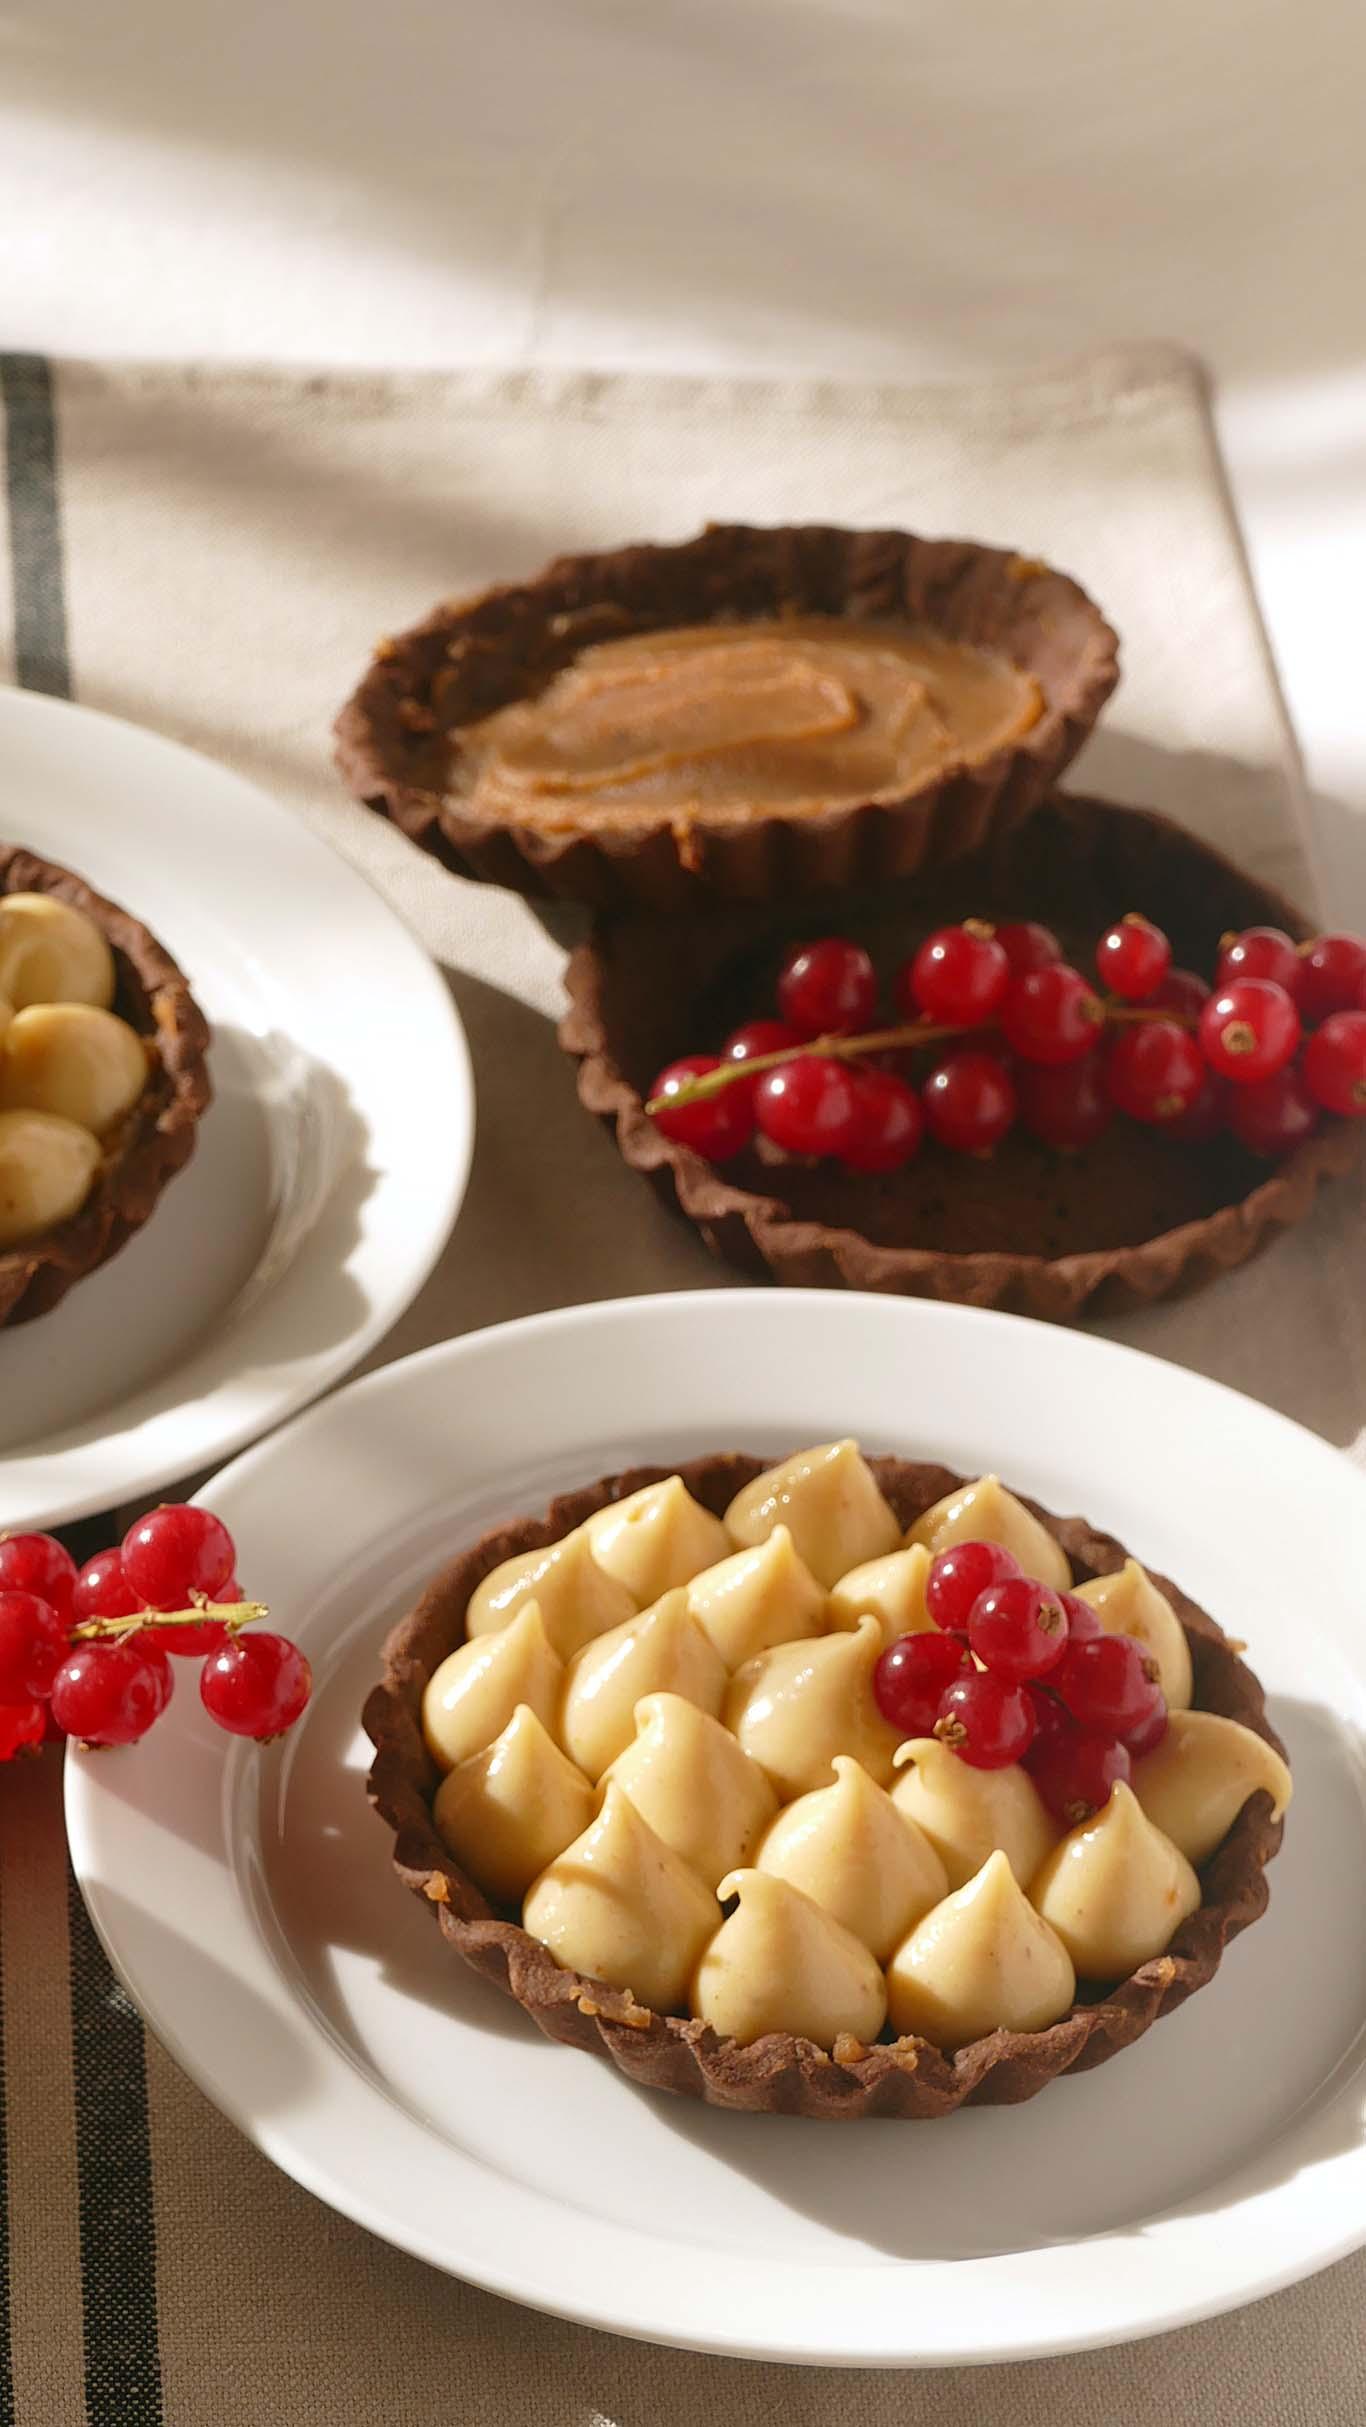 Tartaleta de chocolate y marrón glacé